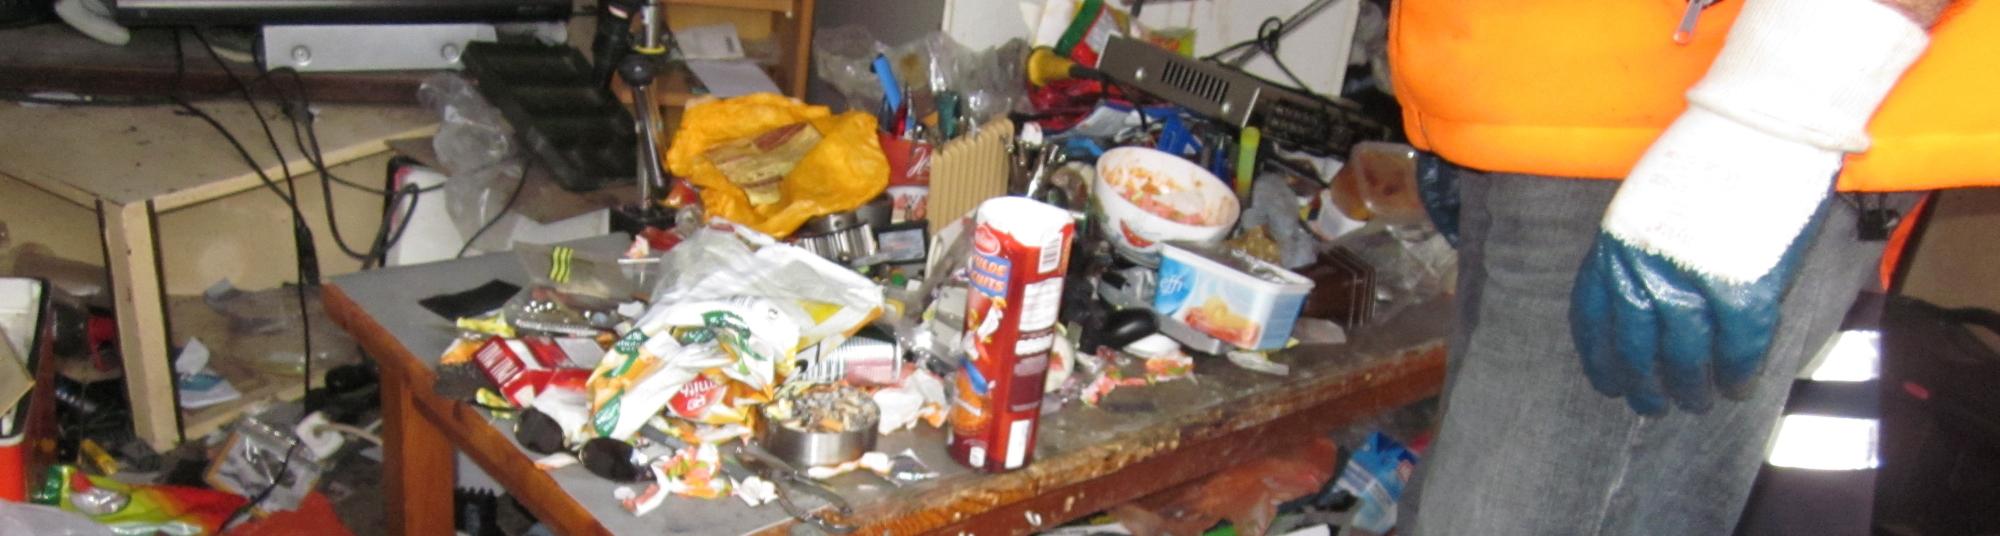 zolder opruimen opruimingsdienst tornado